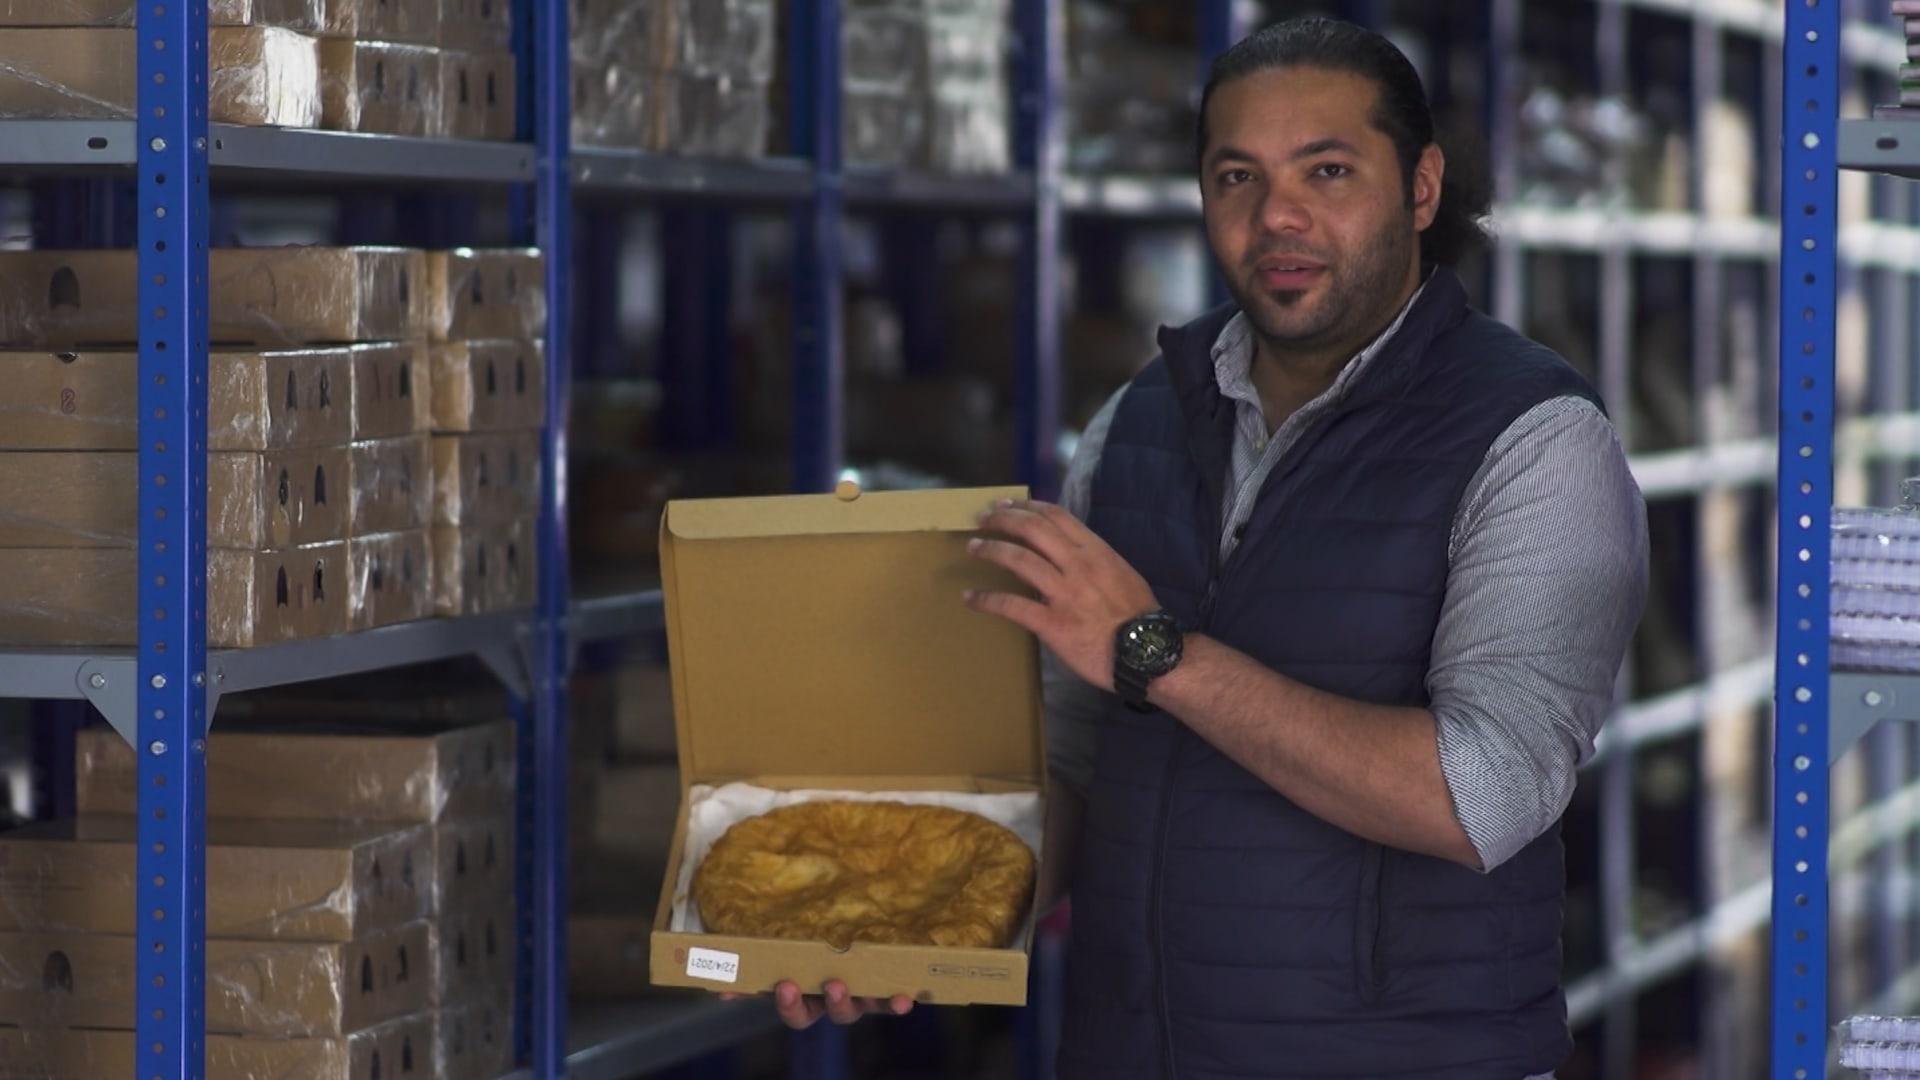 بدأت كخدمة توصيل الخبز..شركة في مصر يمكنها توصيل وجبة فطور كاملة إلى عتبة بابكم كل صباح